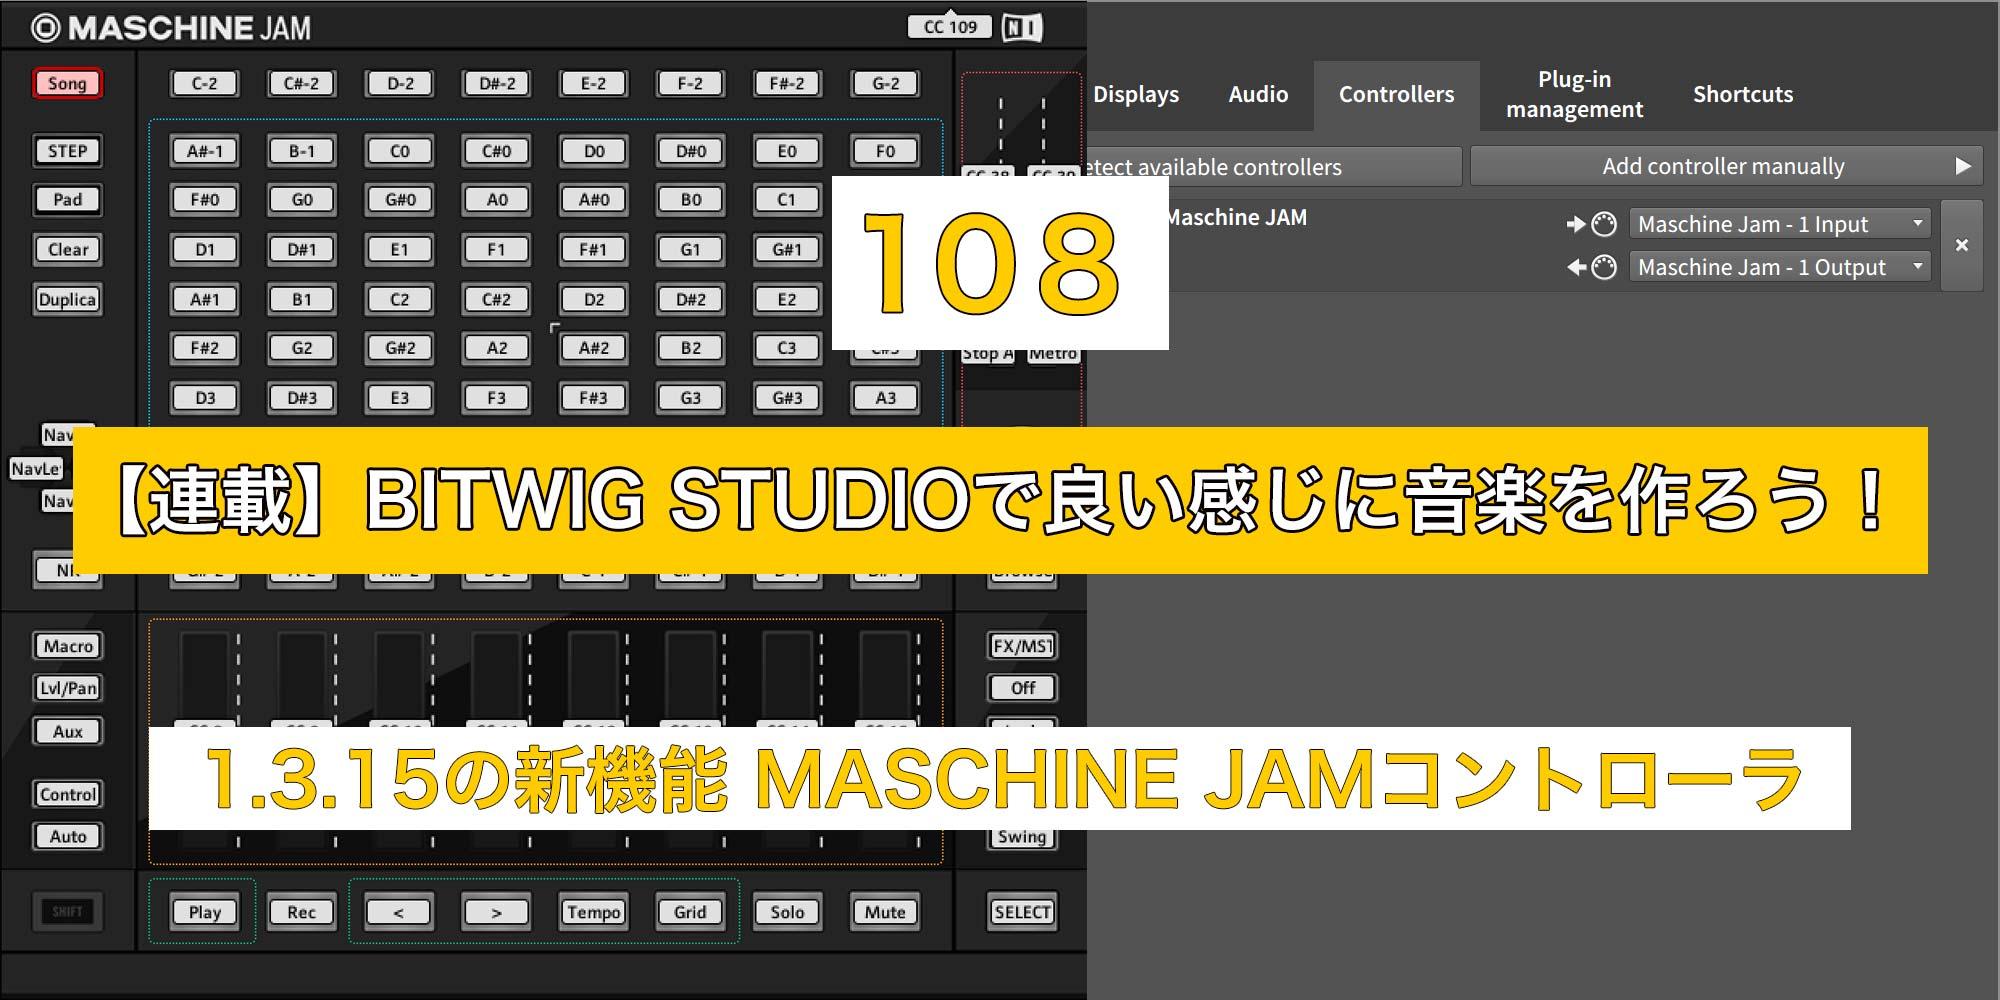 【連載】BITWIG STUDIOで良い感じに音楽を作ろう!【108】